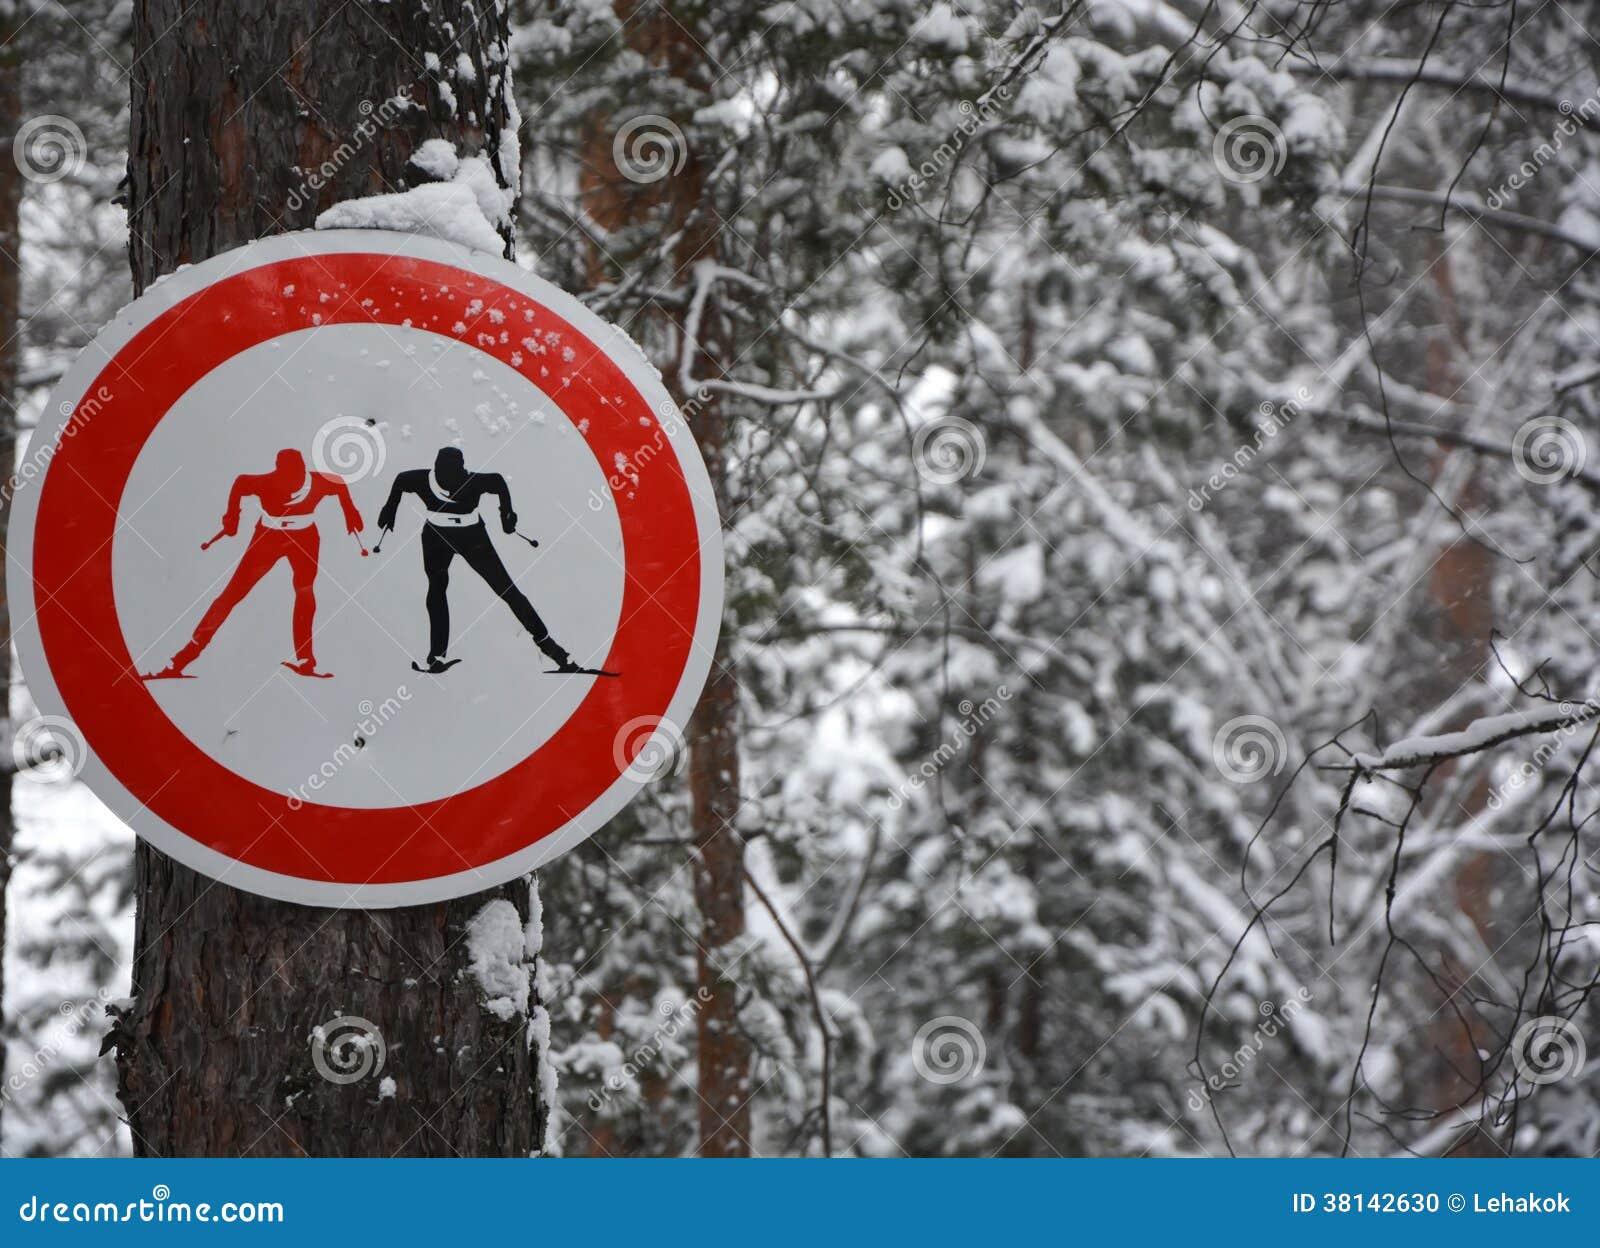 знак лыжников стоковое фото изображение насчитывающей